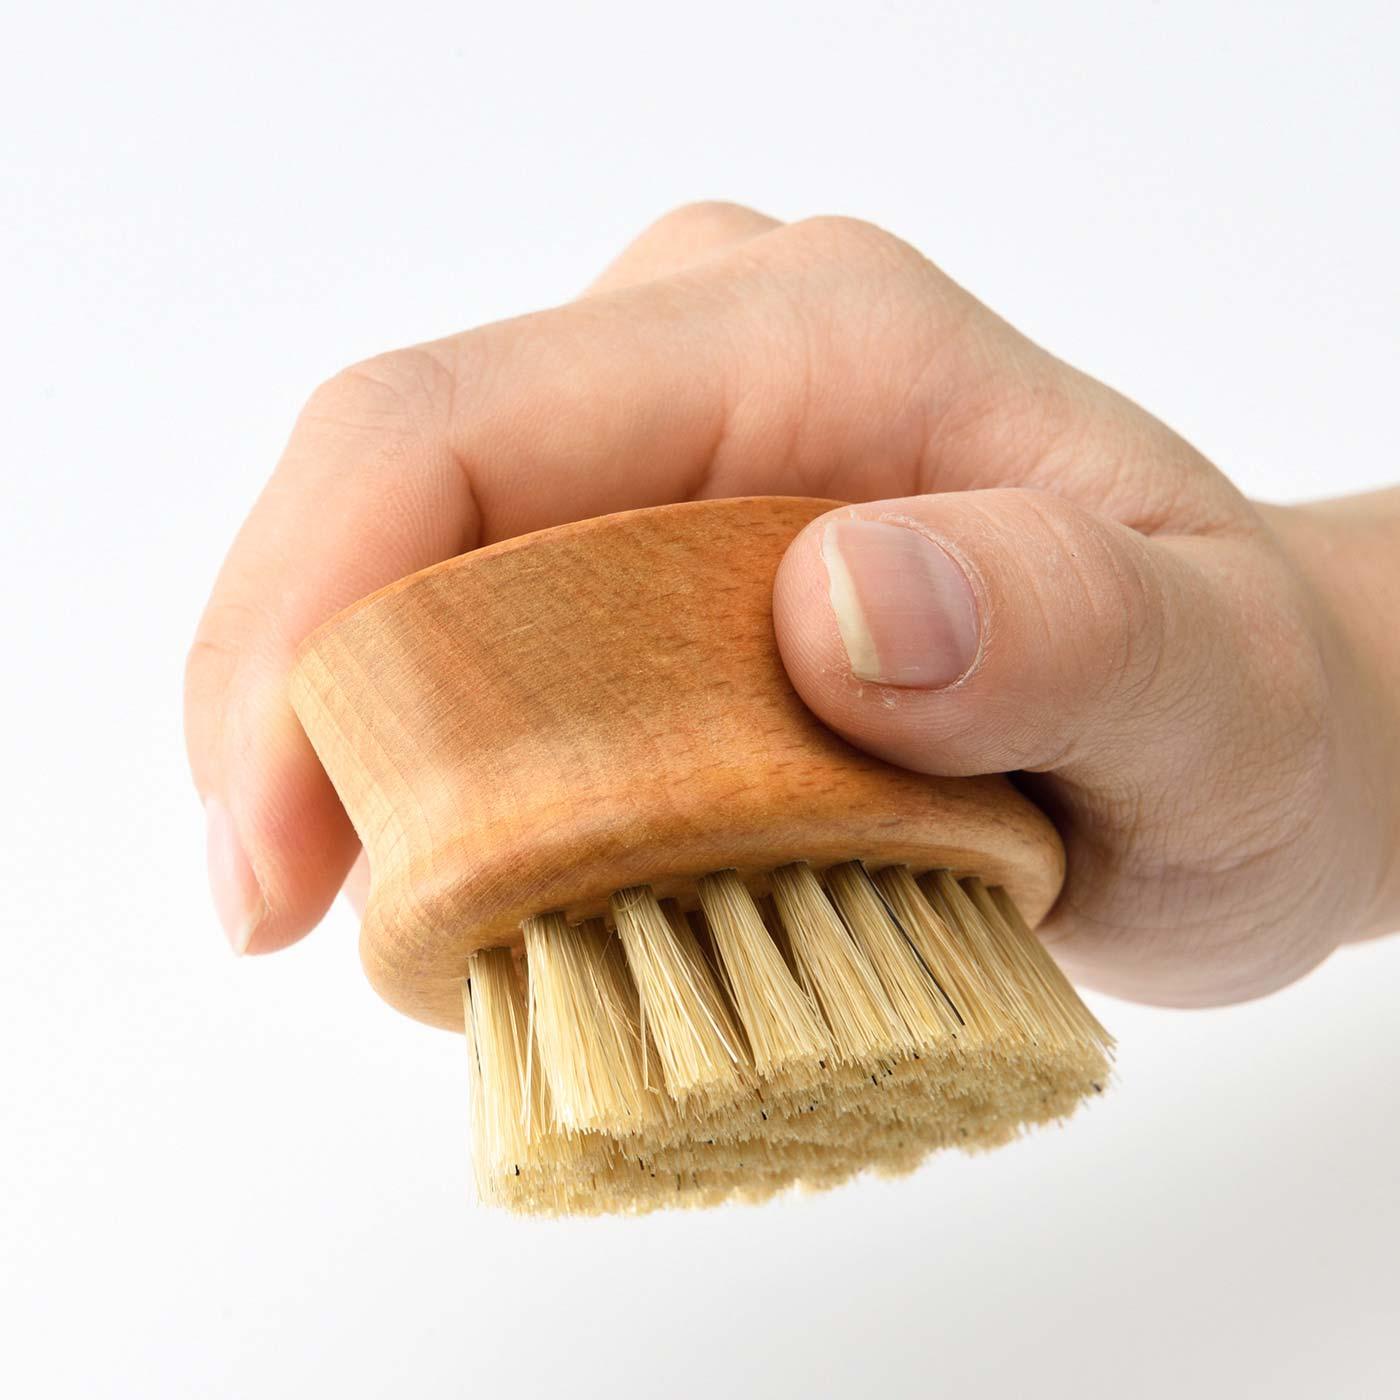 天然木のヘッドは手によくなじむ持ちやすい形状。